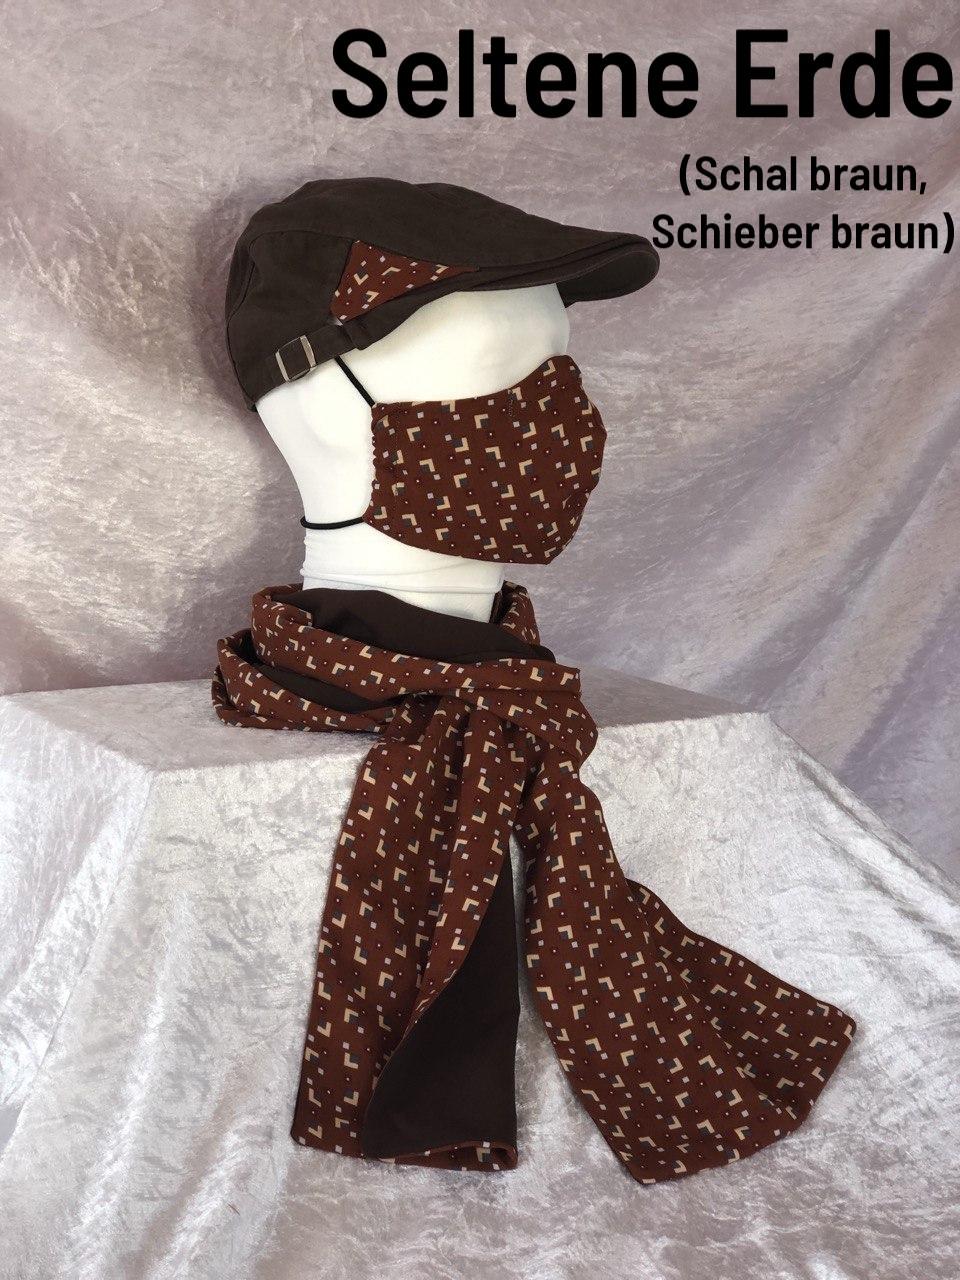 B2 - Maske + Schal + Schieber braun